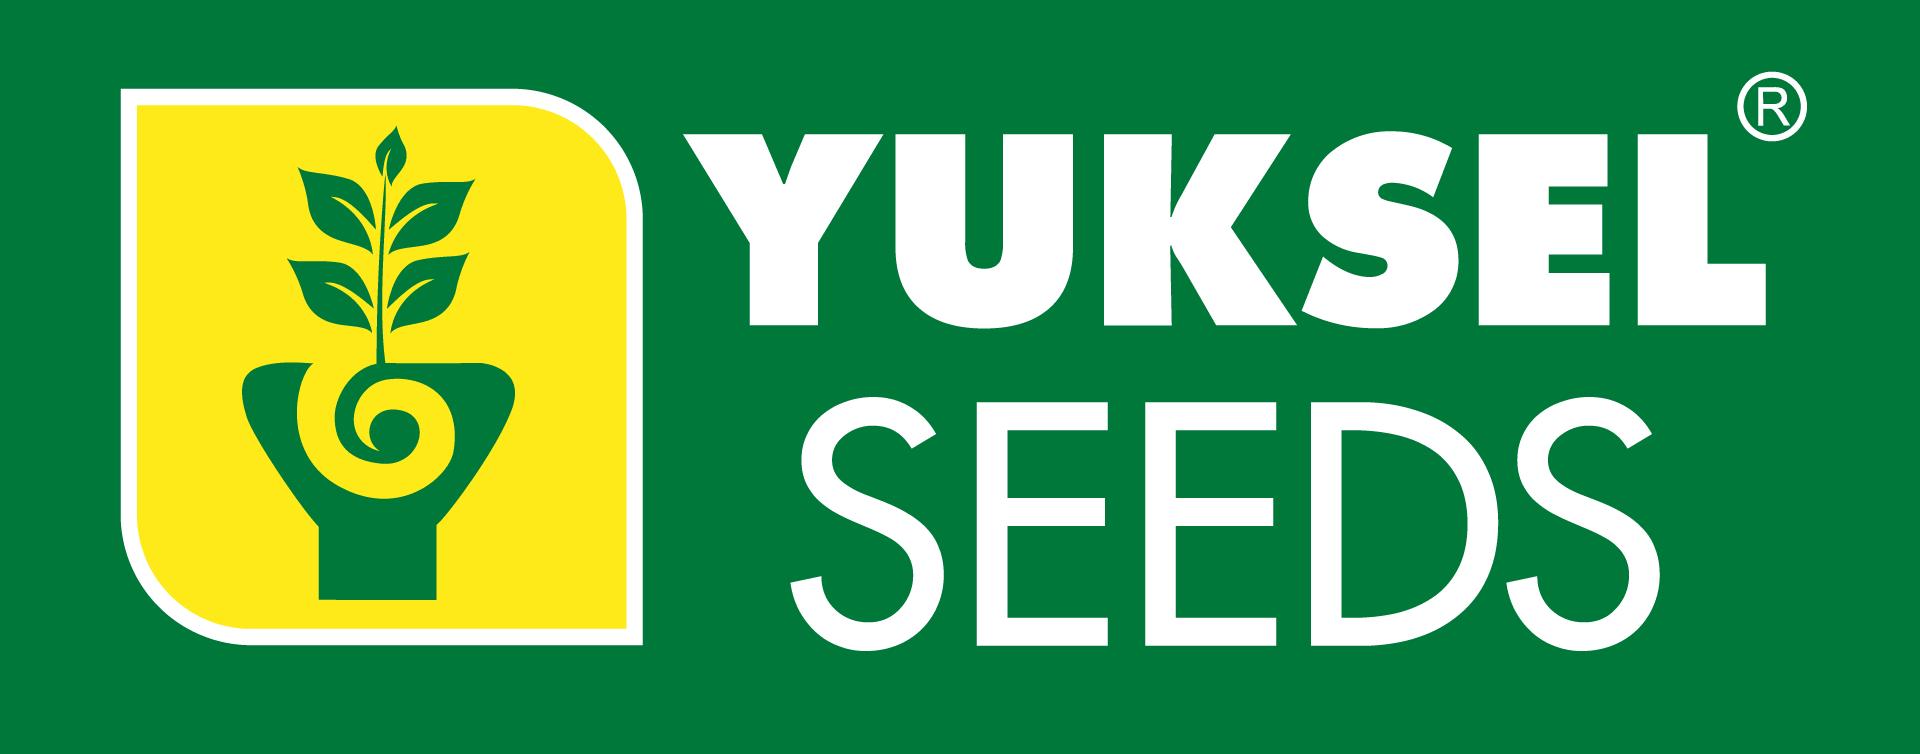 Sebze tohumlarında Türkiye'nin en önemli ıslah firmalarından olan Yüksel Tohum, Domates Kahverengi Rugose Meyve Virüsüne (Tobamovirus, ToBRFV) karşı dirençli domates çeşitlerini elde etti.